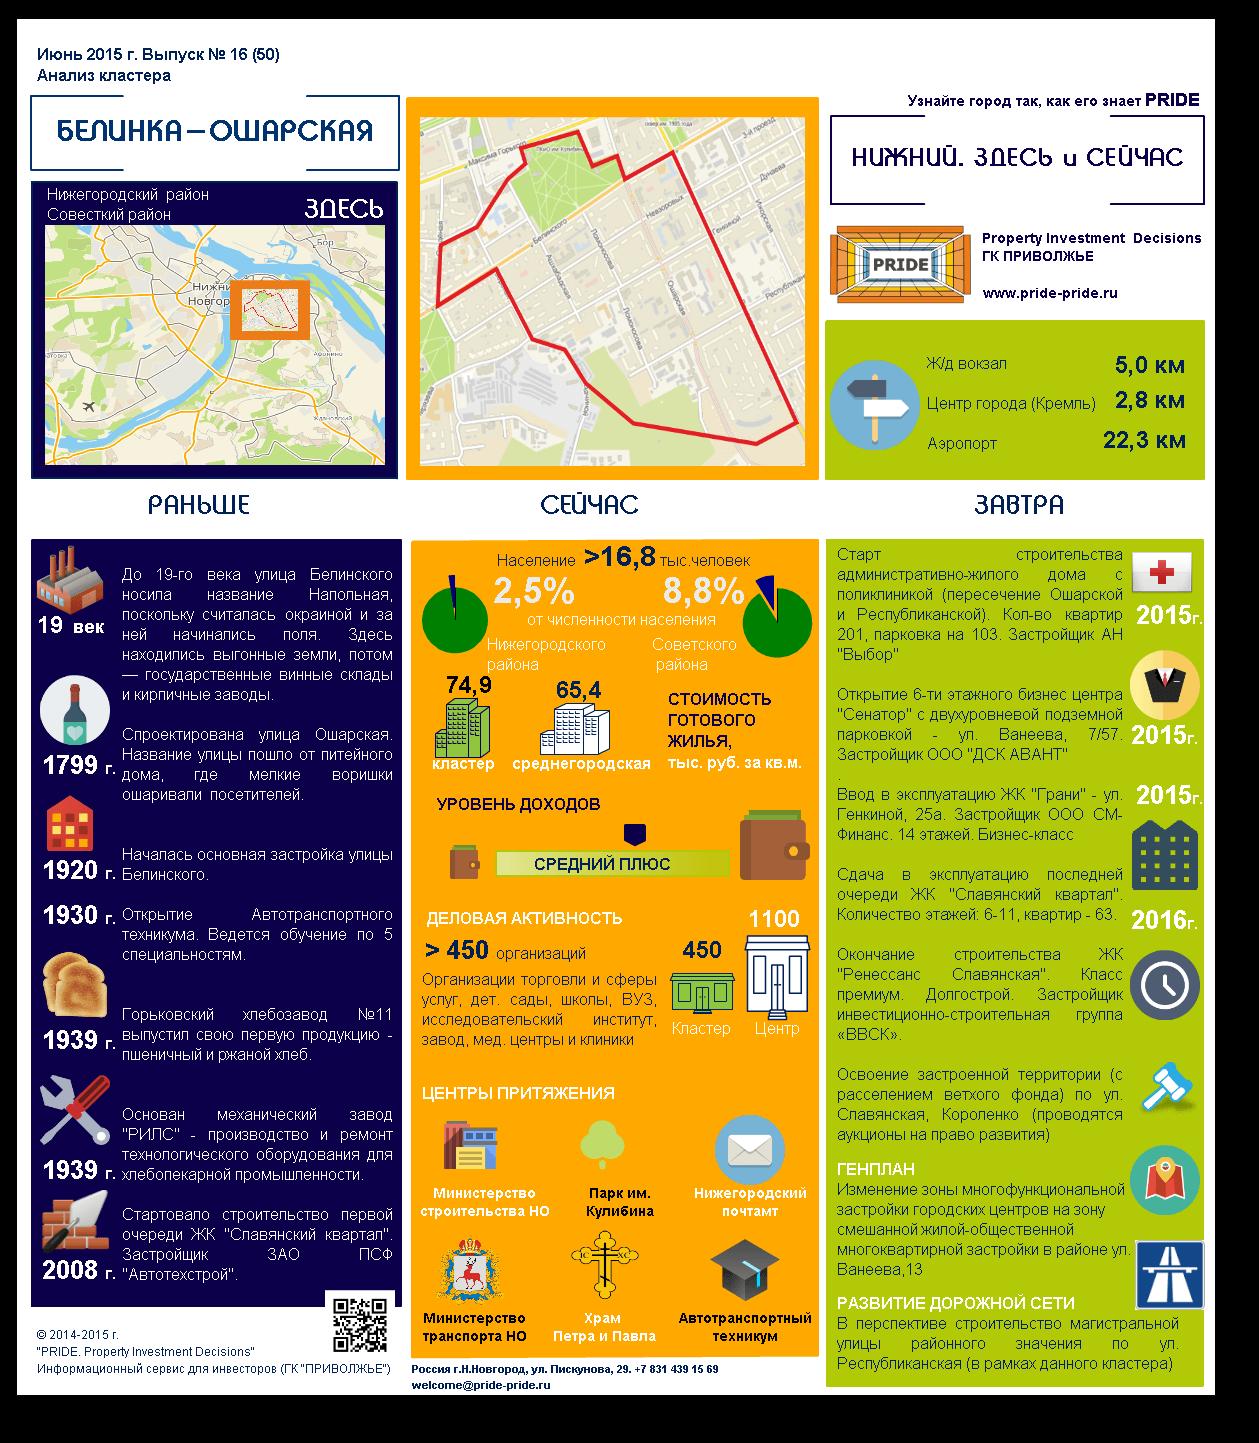 ННЗиС Белинка-Ошарская 1